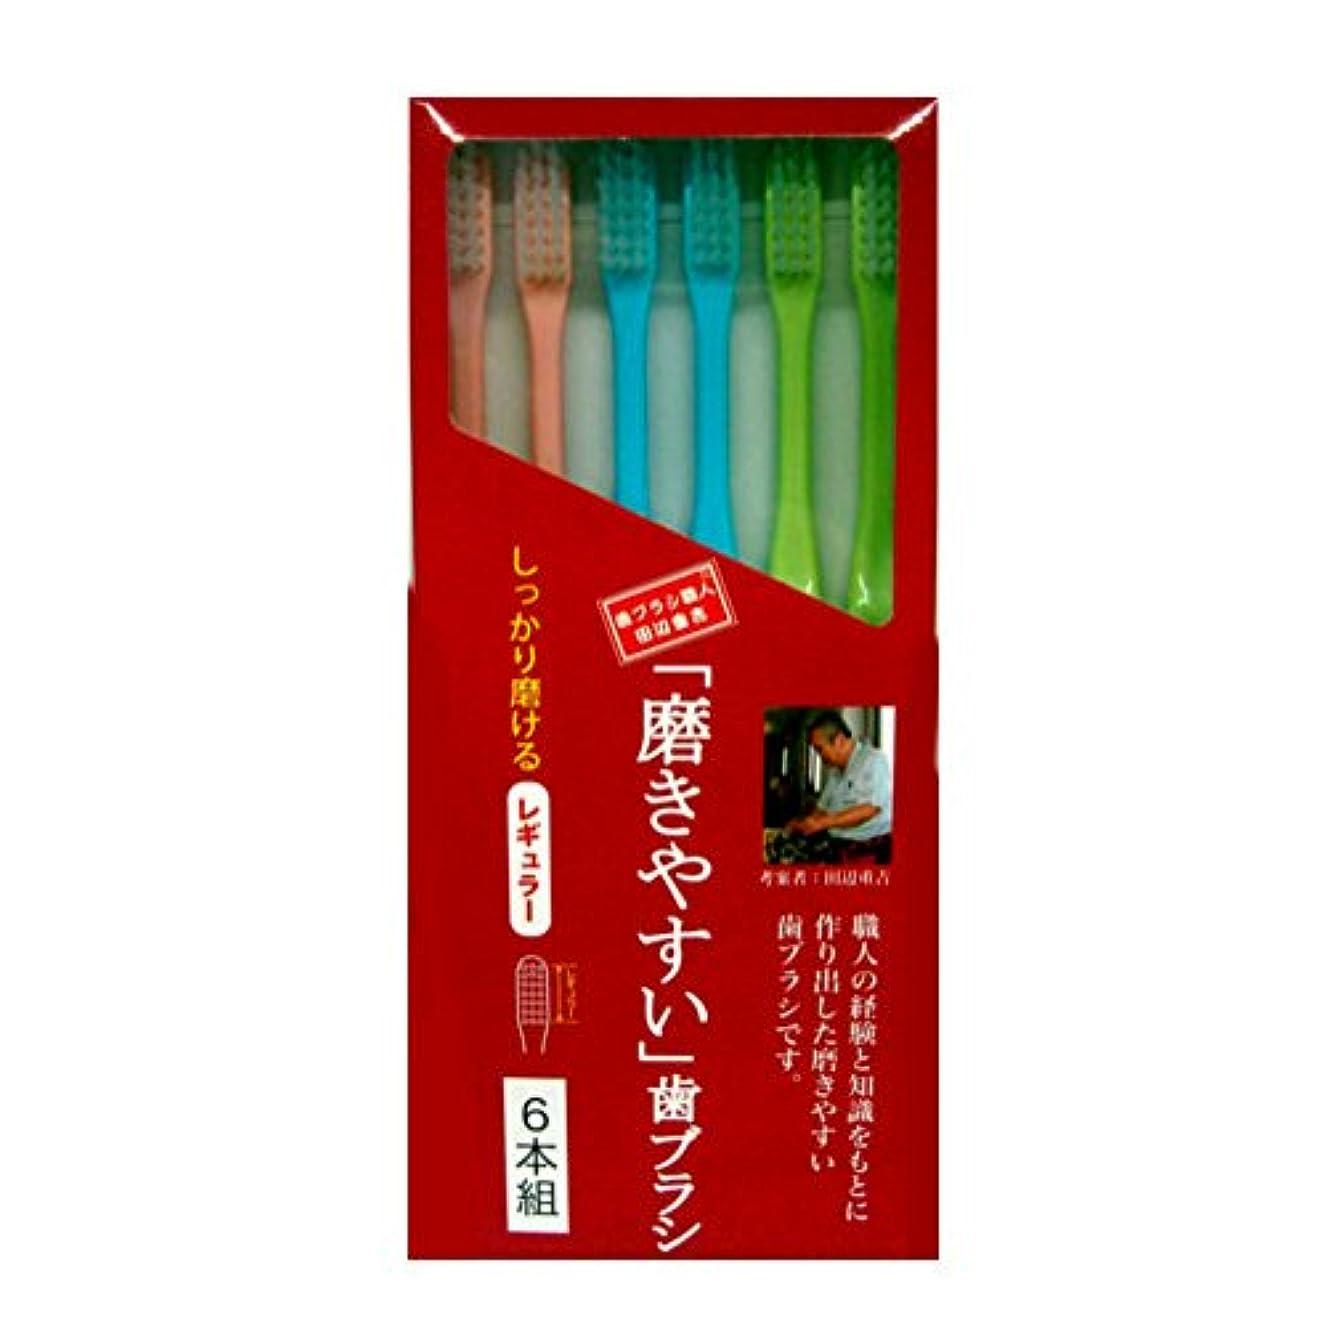 付与汚染された削減磨きやすい歯ブラシ 6本組 レギュラータイプ